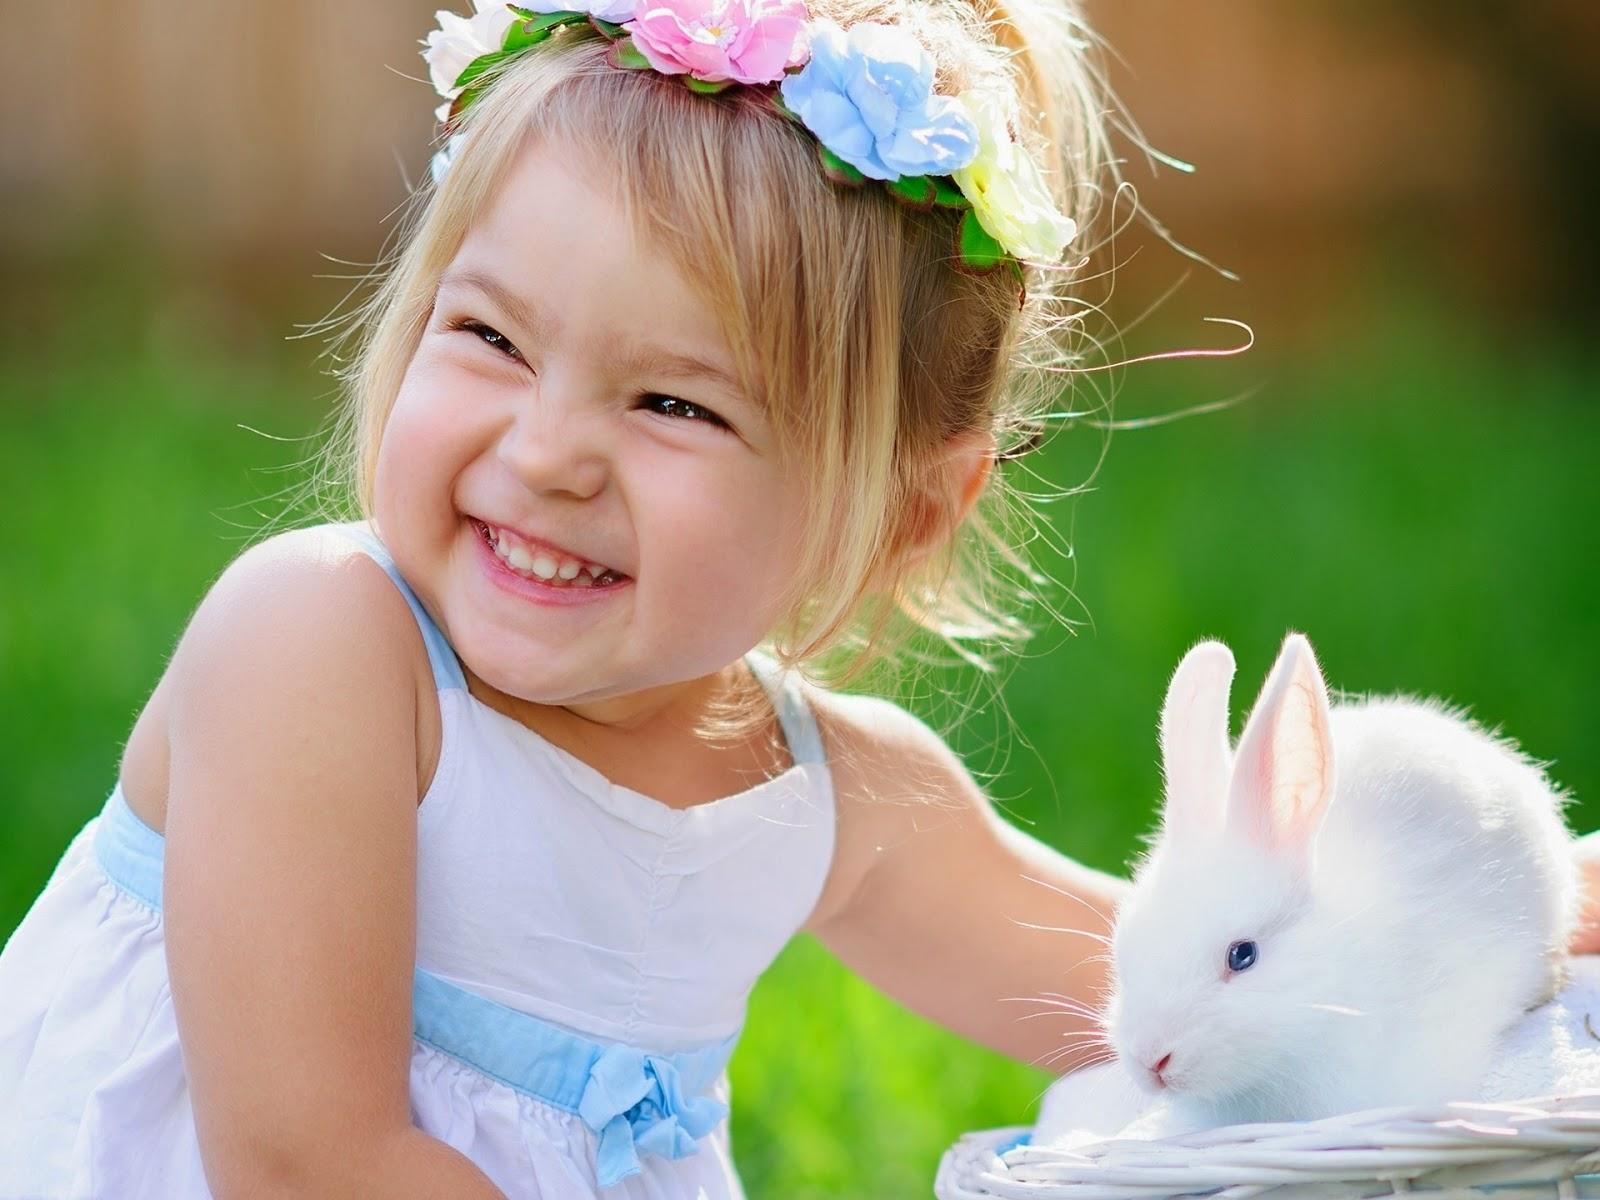 Gambar bayi perempuan cantik tersenyum dan bermain dengan kelinci